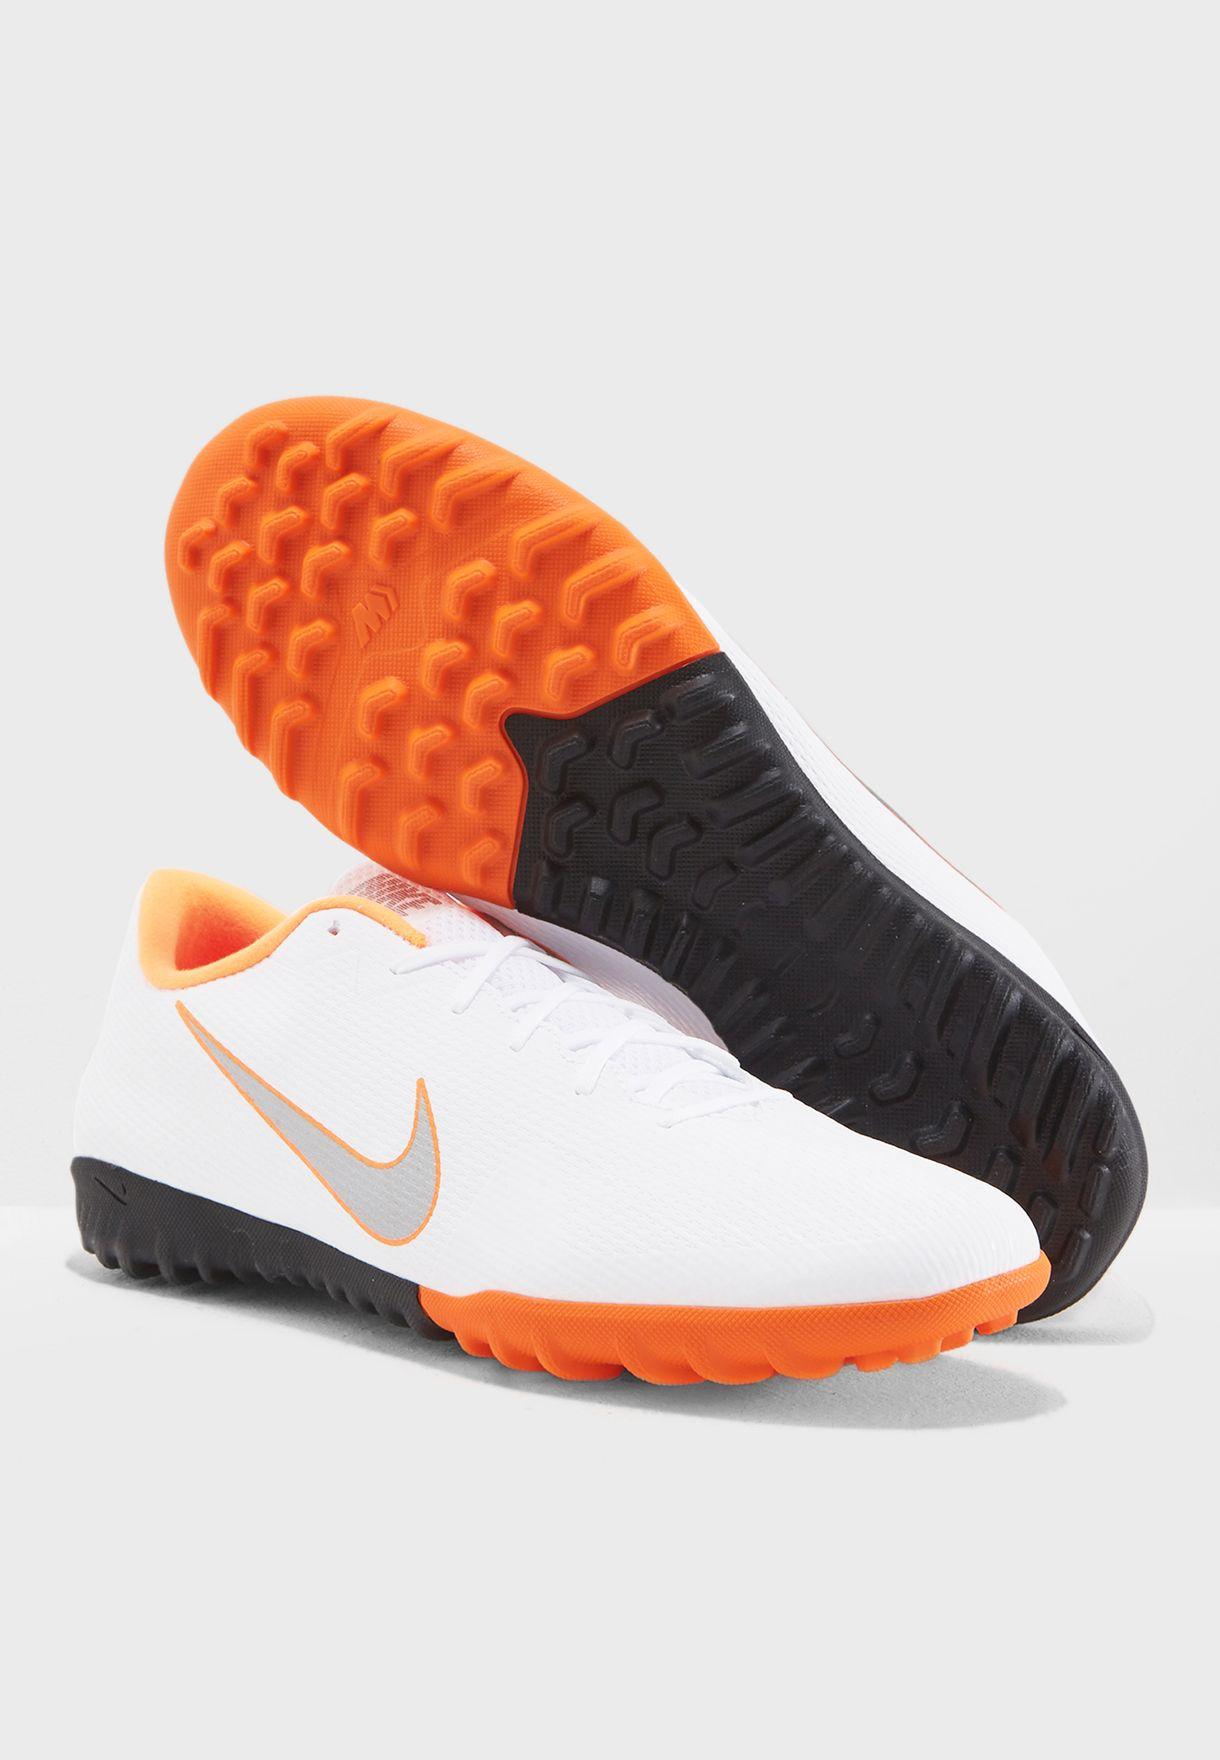 حذاء فابوركس 12 اكاديمي لأرض العشبية